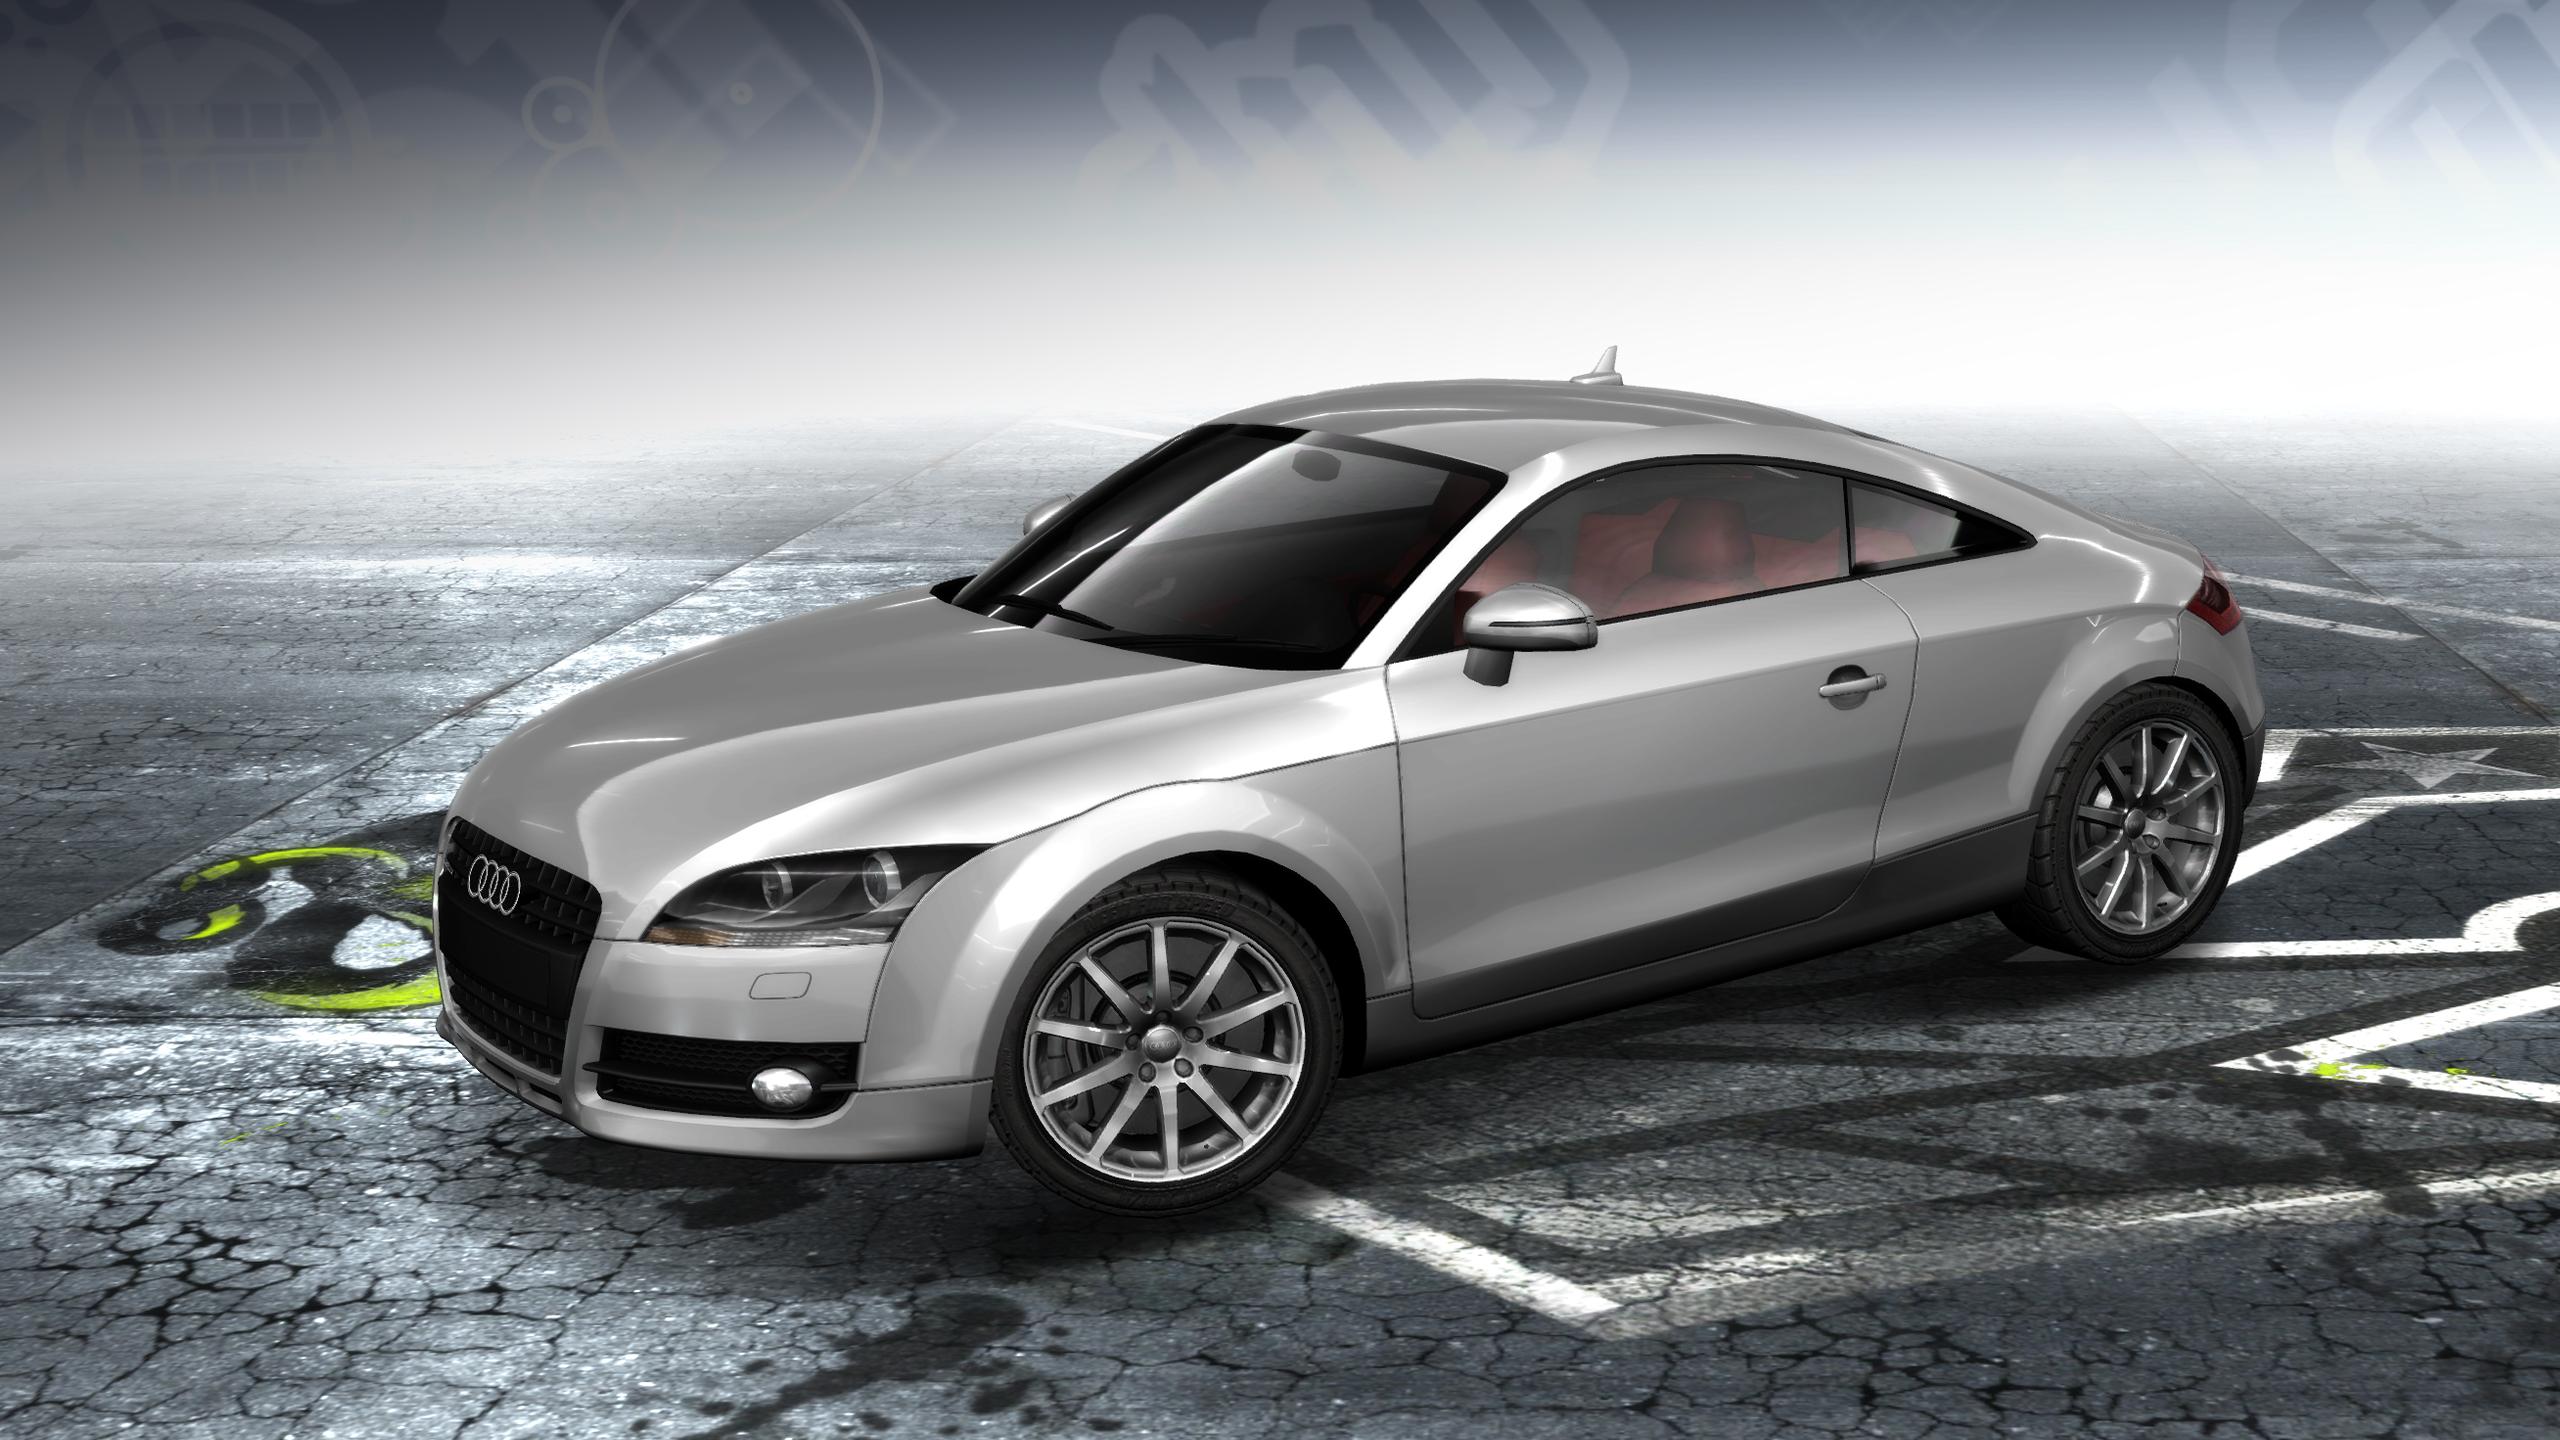 Audi TT 3.2 quattro (8J)